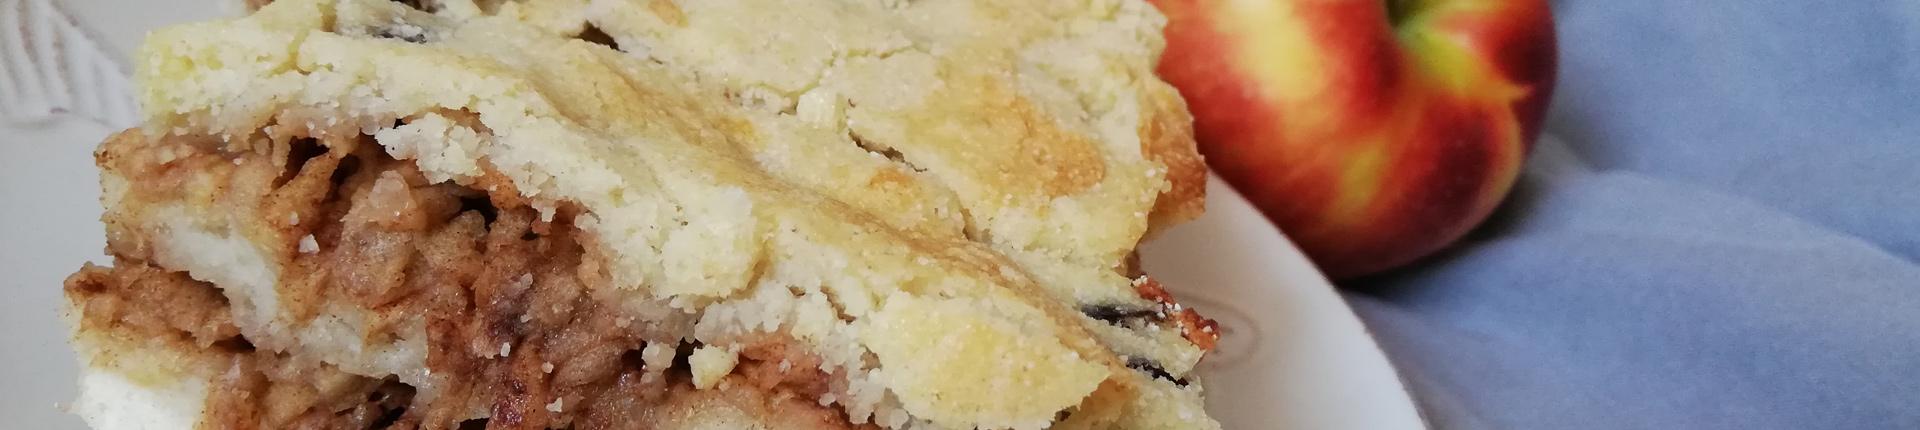 Przepyszna szarlotka bez jajek i cukru - przepis